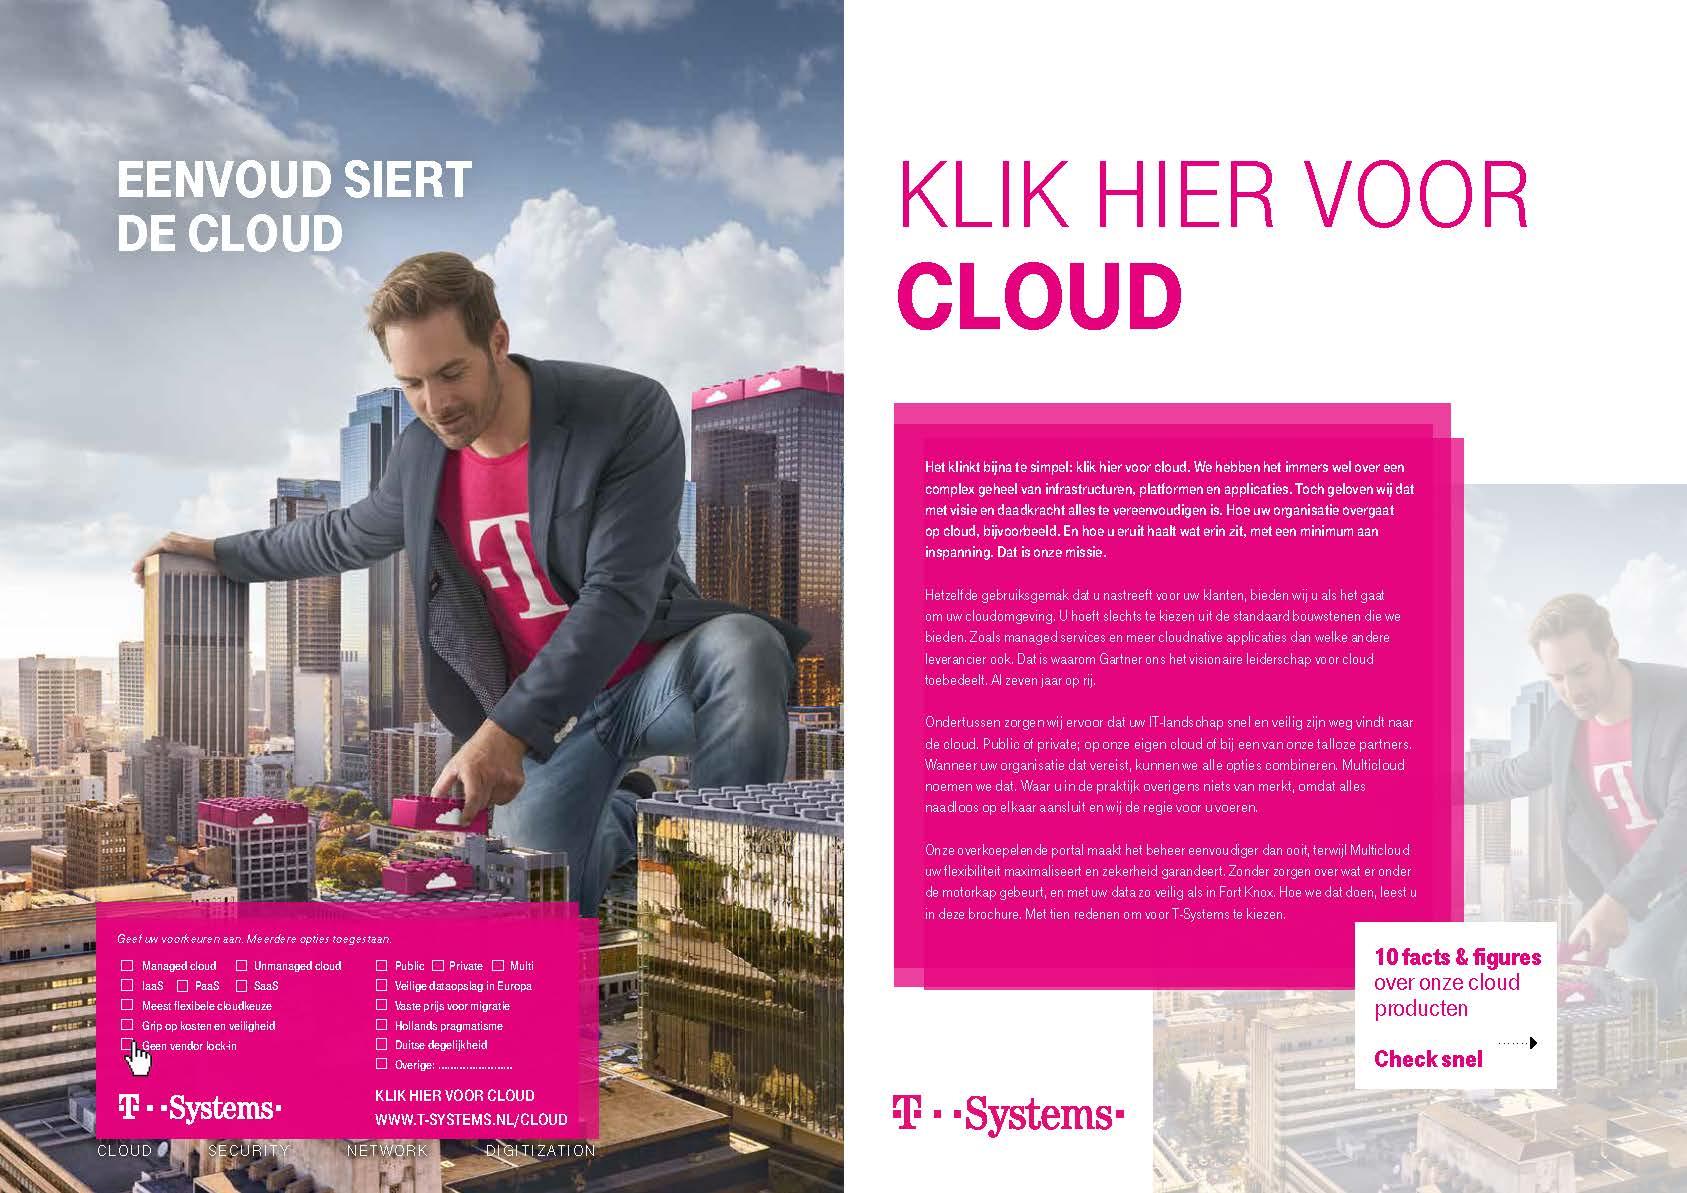 Klik hier voor cloud T-Systems folder omslag